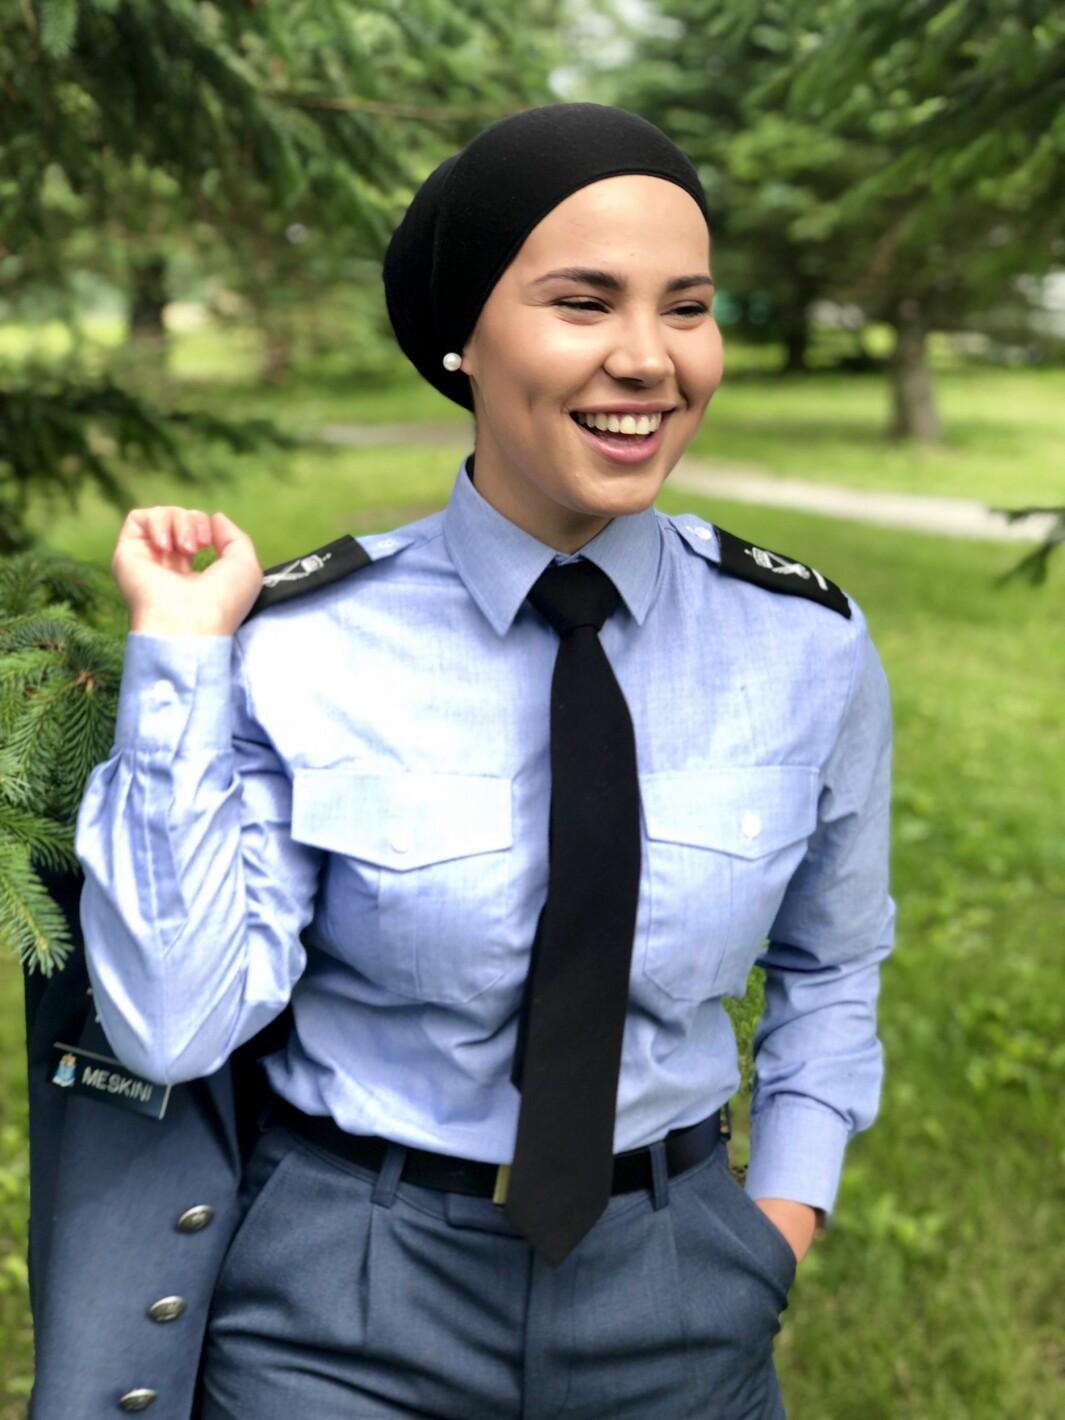 Iman Meskini ble kjent som Skam-Sana. Hun har tjenestegjort i Luftforsvaret.